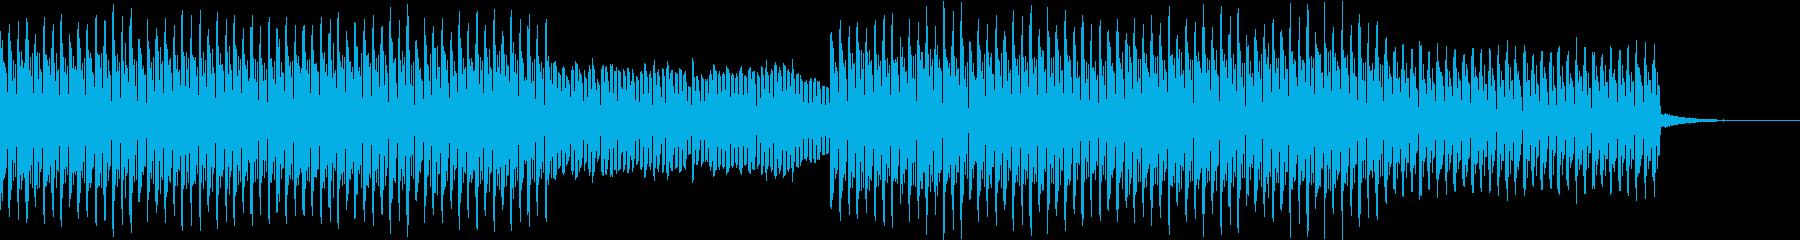 アップテンポな4つ打ちポップスの再生済みの波形